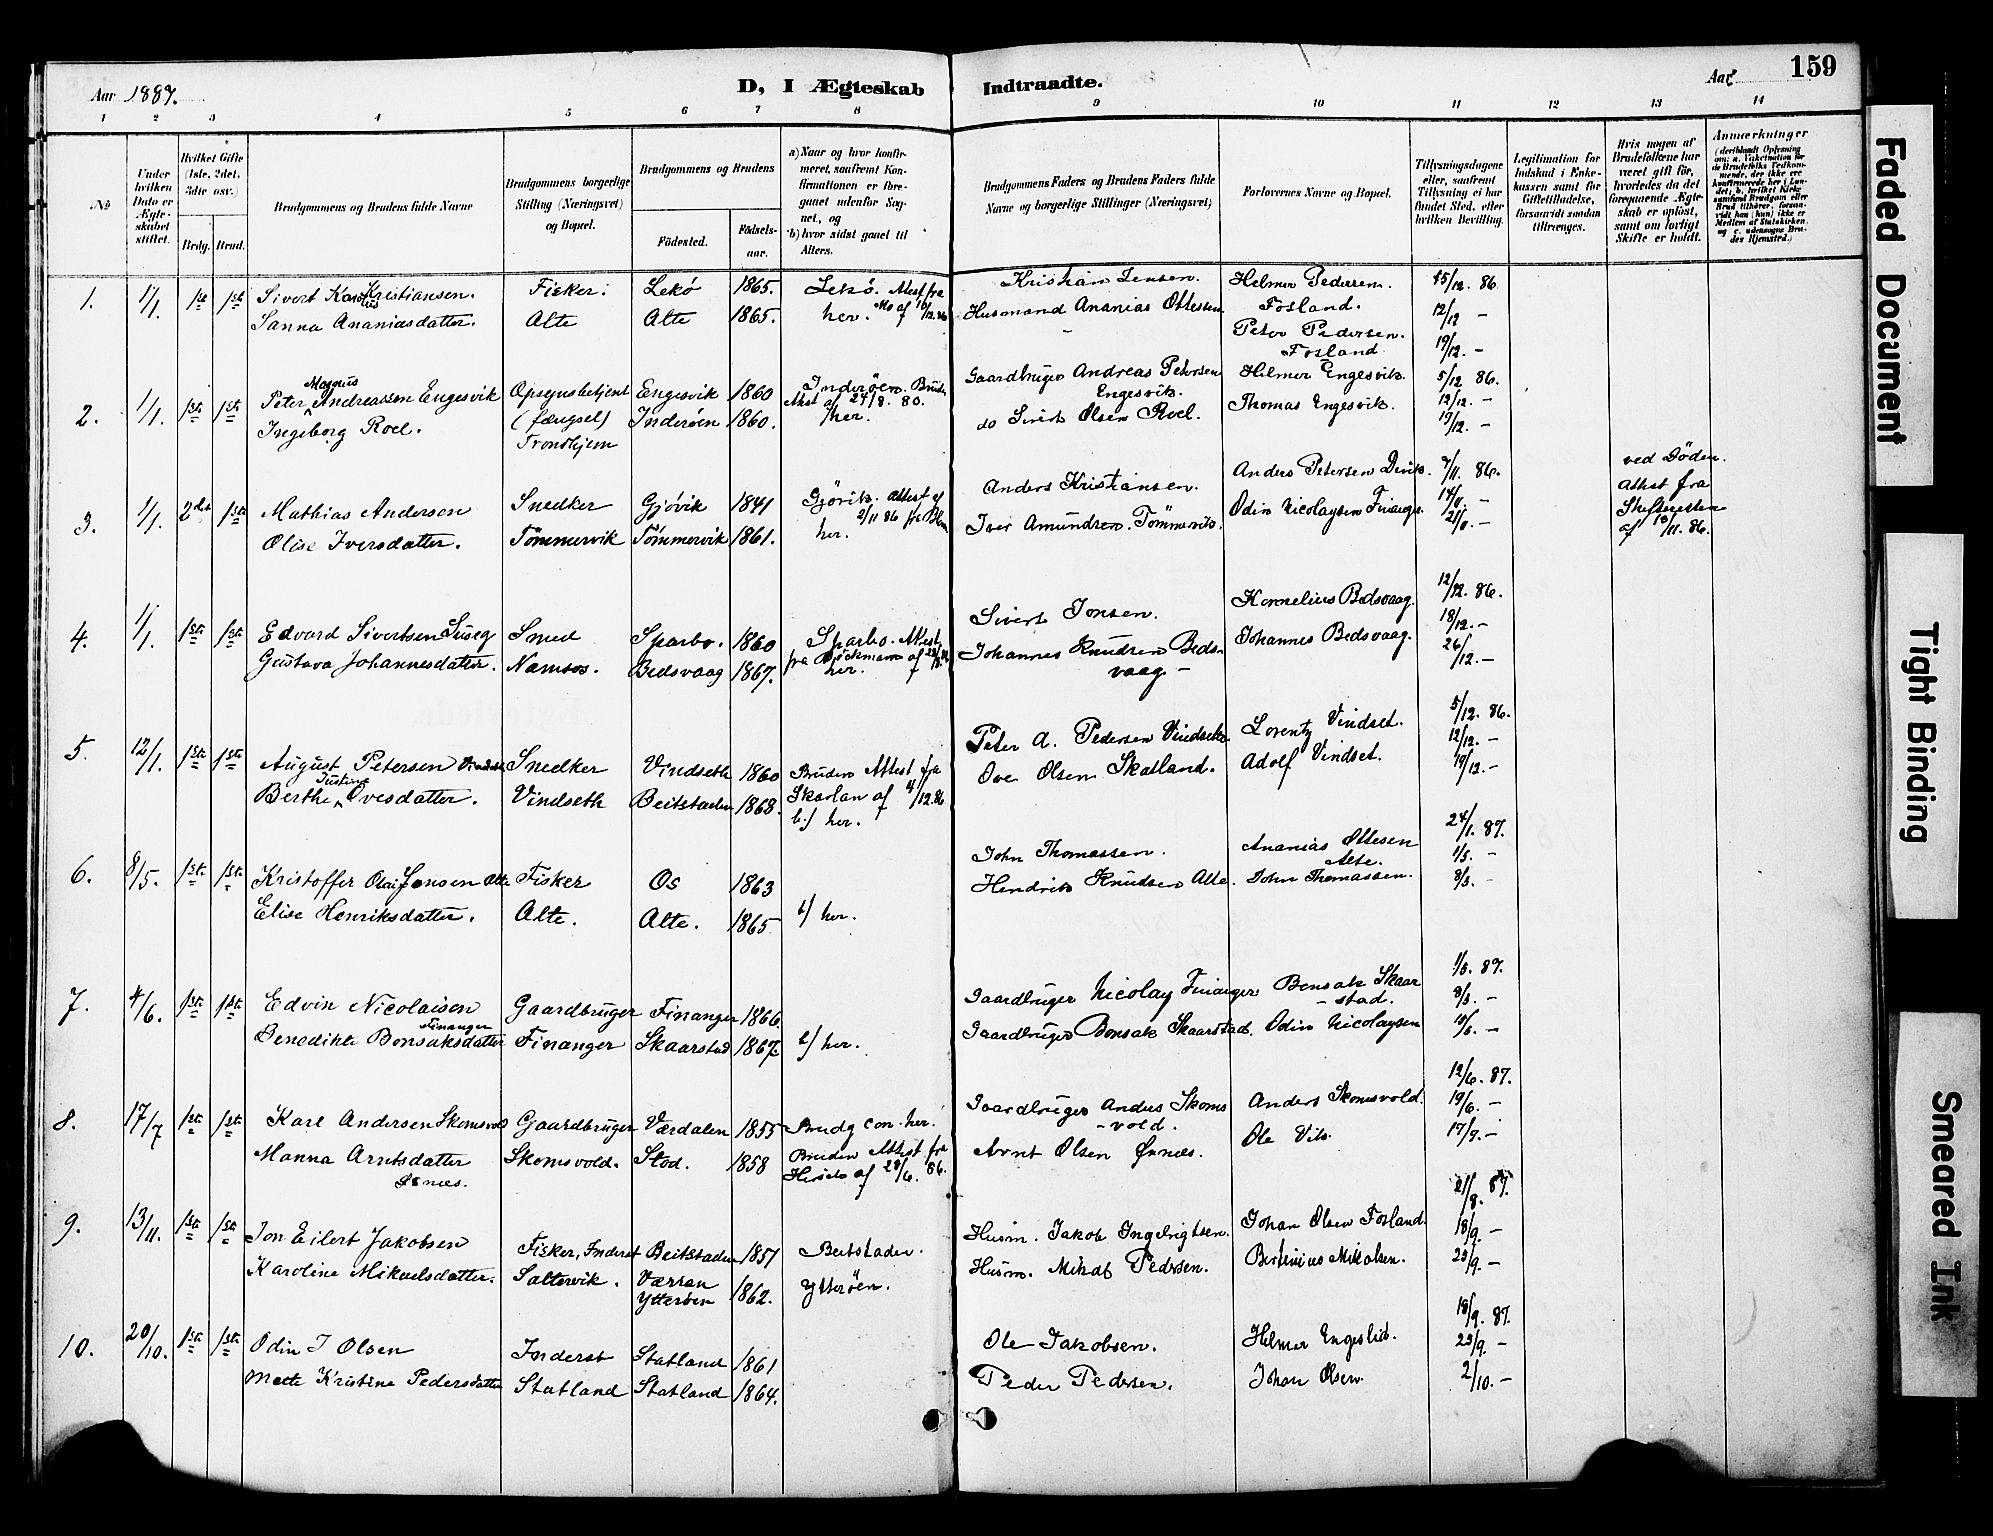 SAT, Ministerialprotokoller, klokkerbøker og fødselsregistre - Nord-Trøndelag, 774/L0628: Ministerialbok nr. 774A02, 1887-1903, s. 159